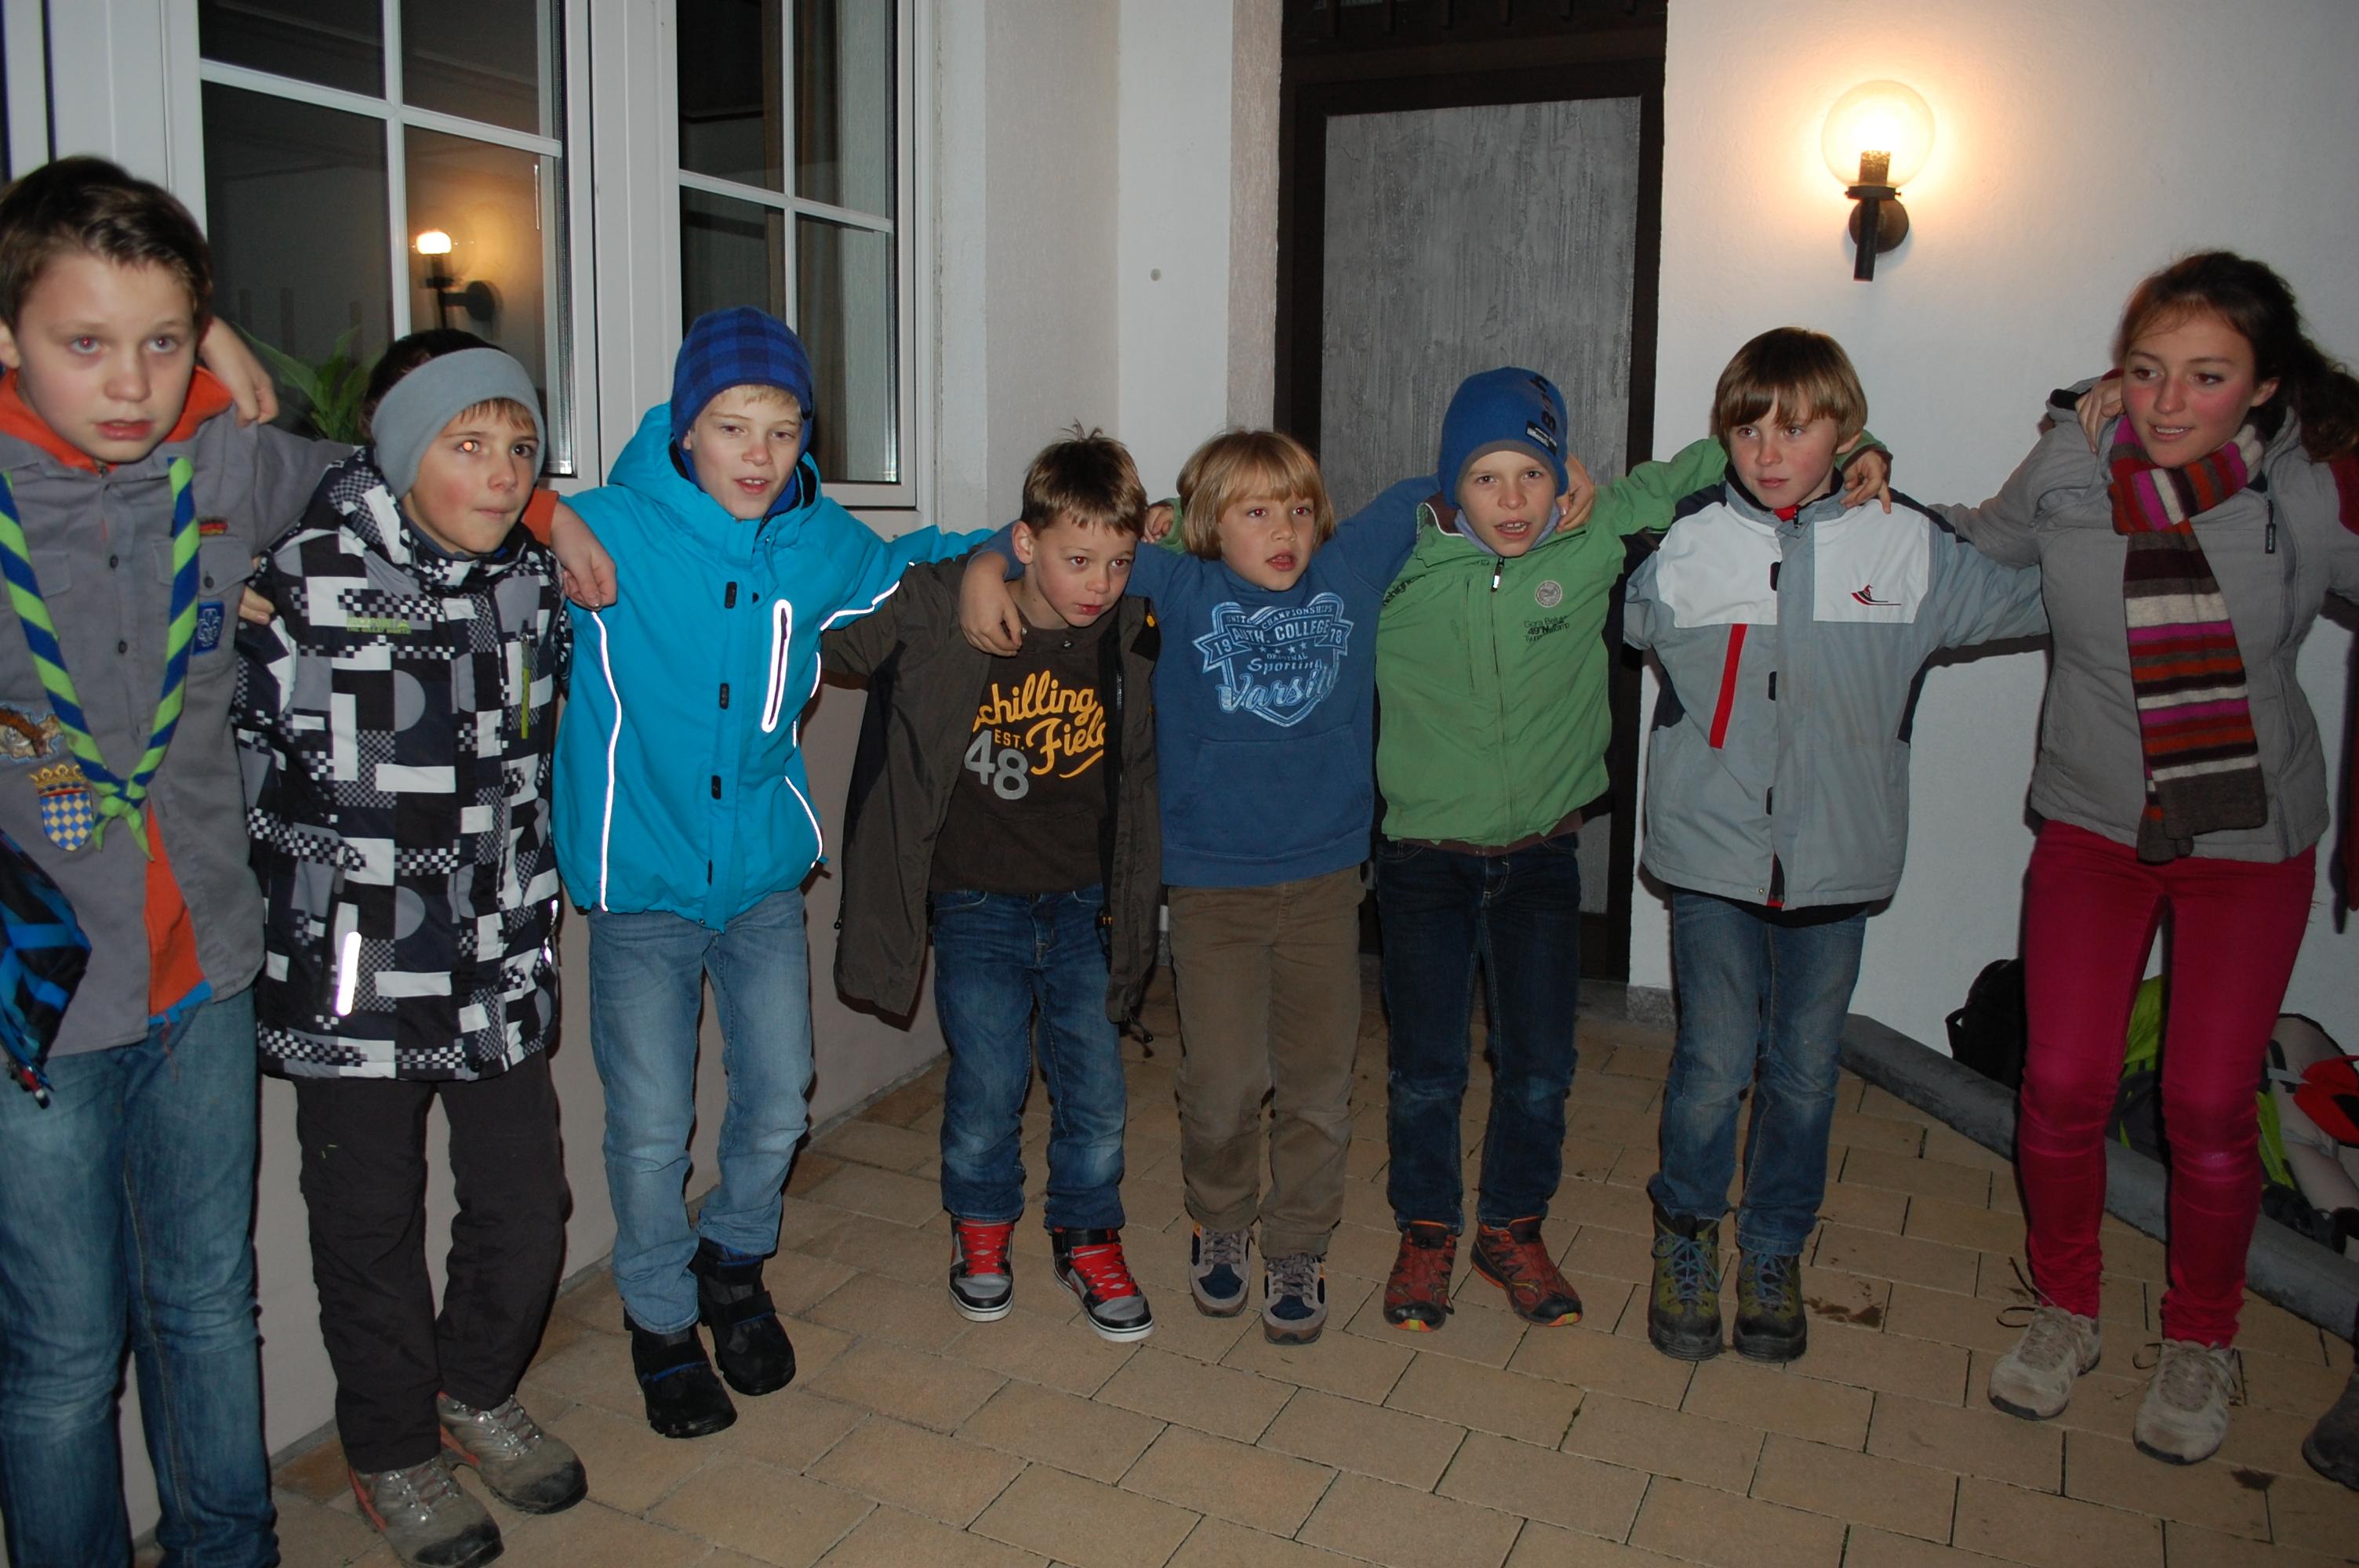 2013-11-15-17-23-novemberfahrt-vcp-dsc_0013